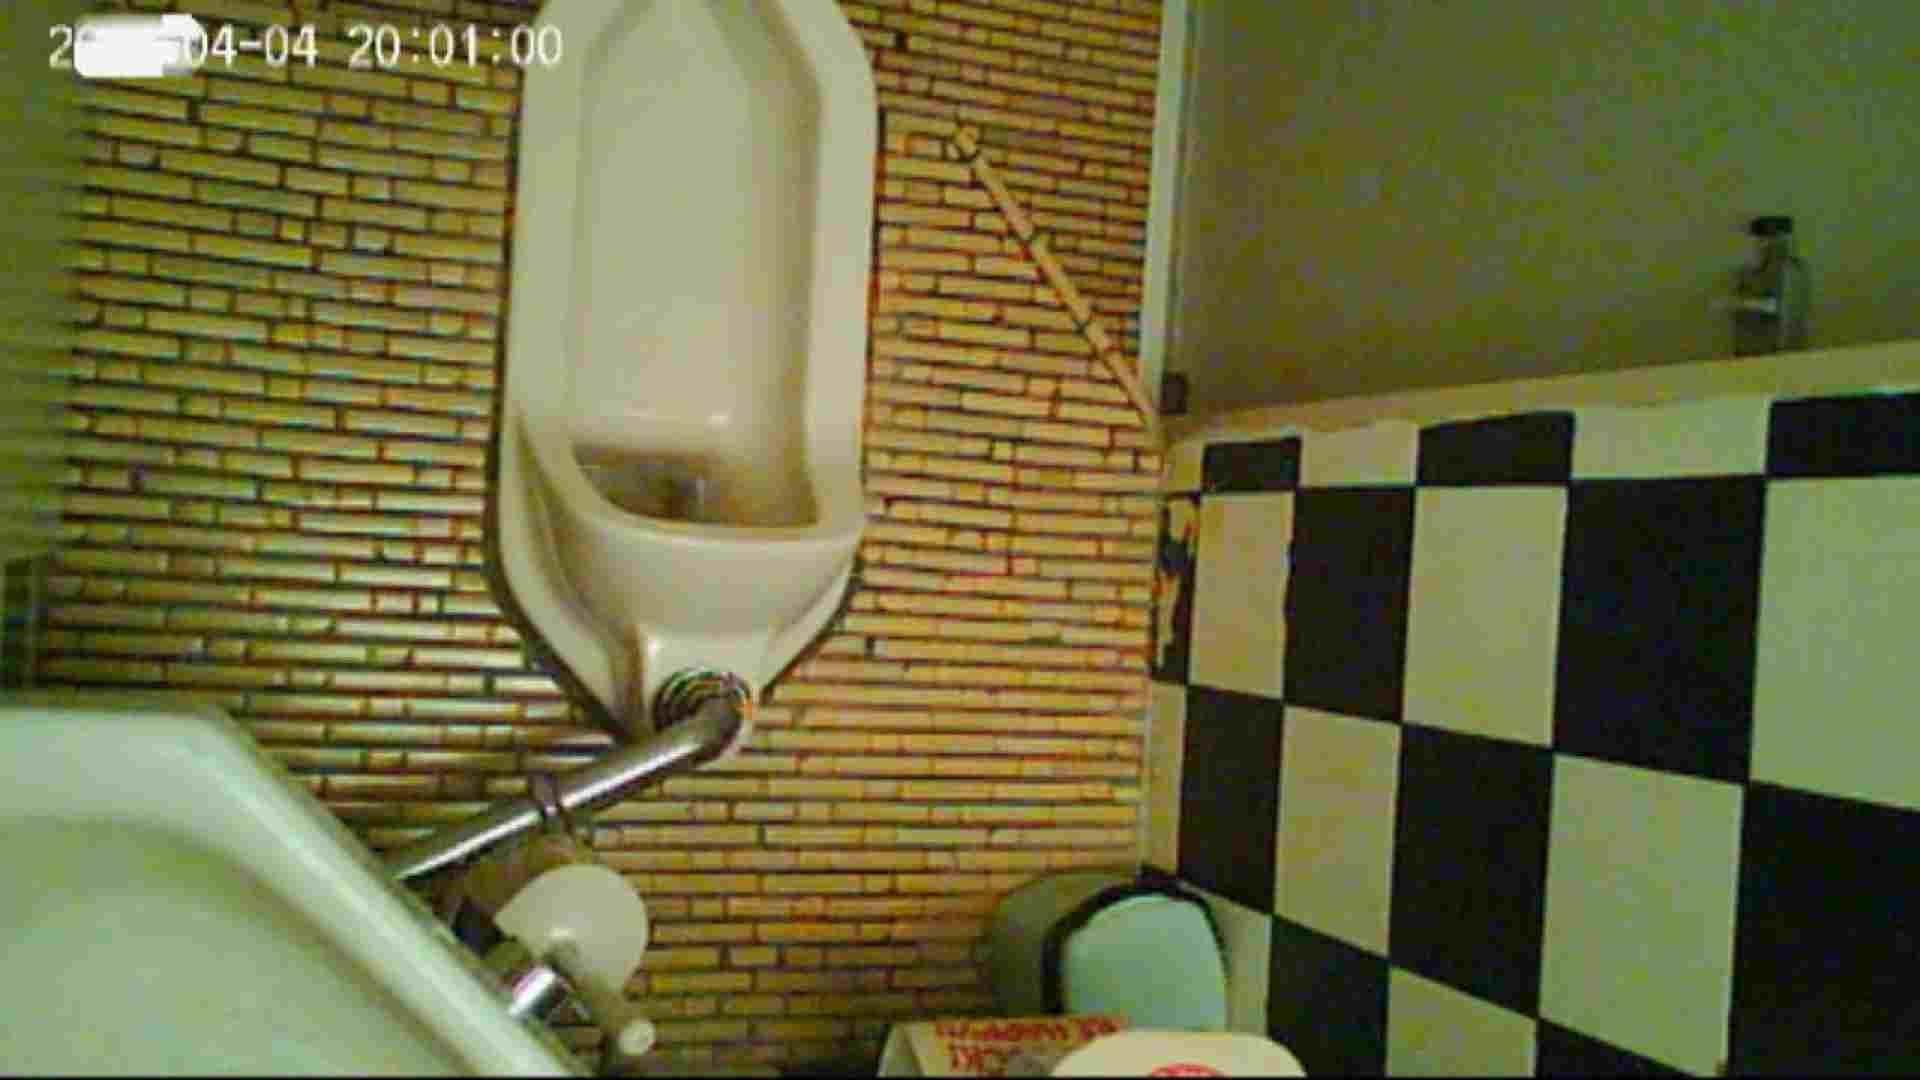 和式トイレの喫茶店店主マロンさんのコレクションvol.7 盗撮   和式  67pic 15